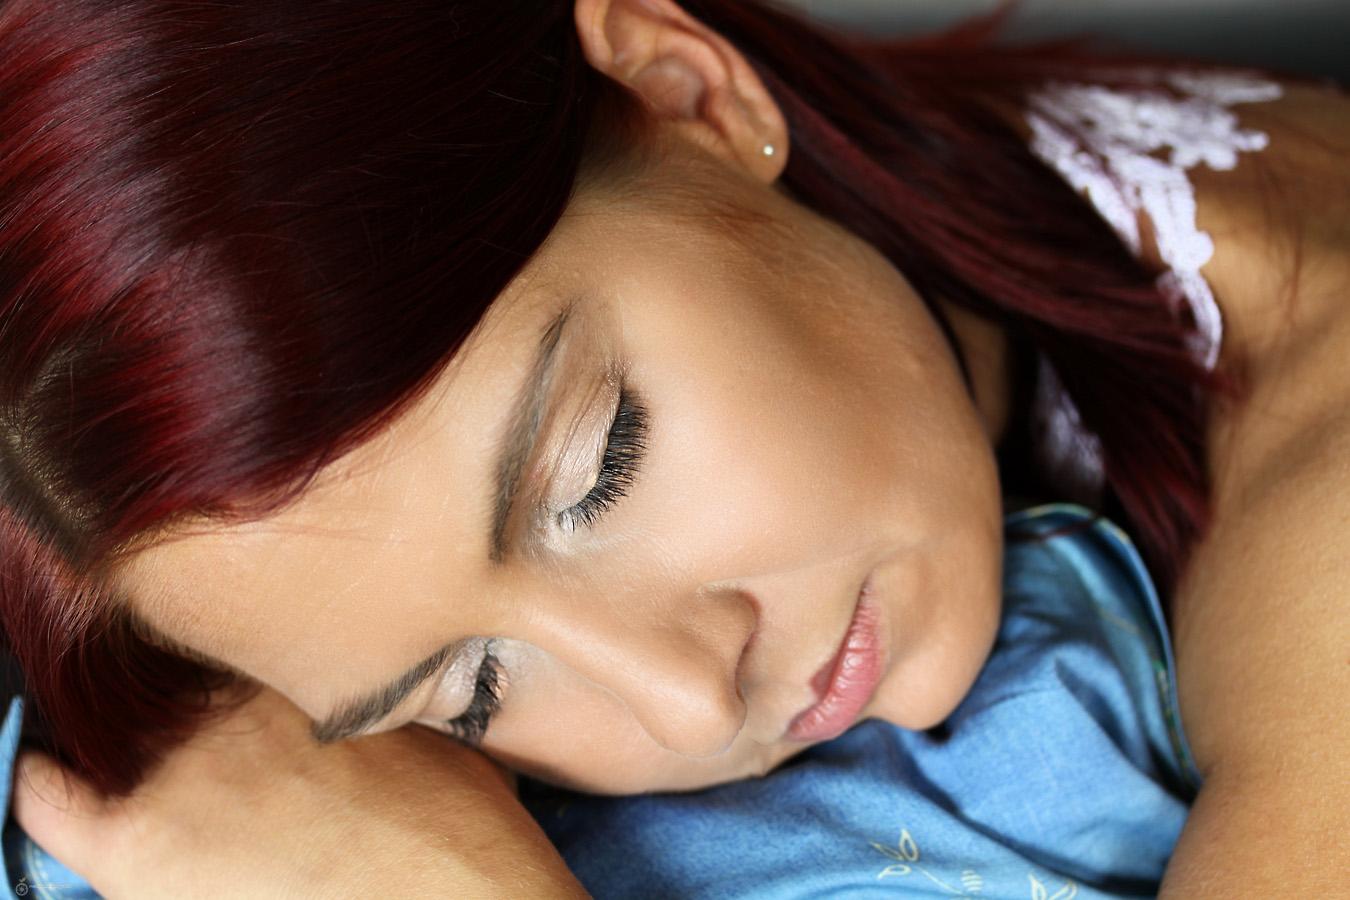 Good night - sleep well